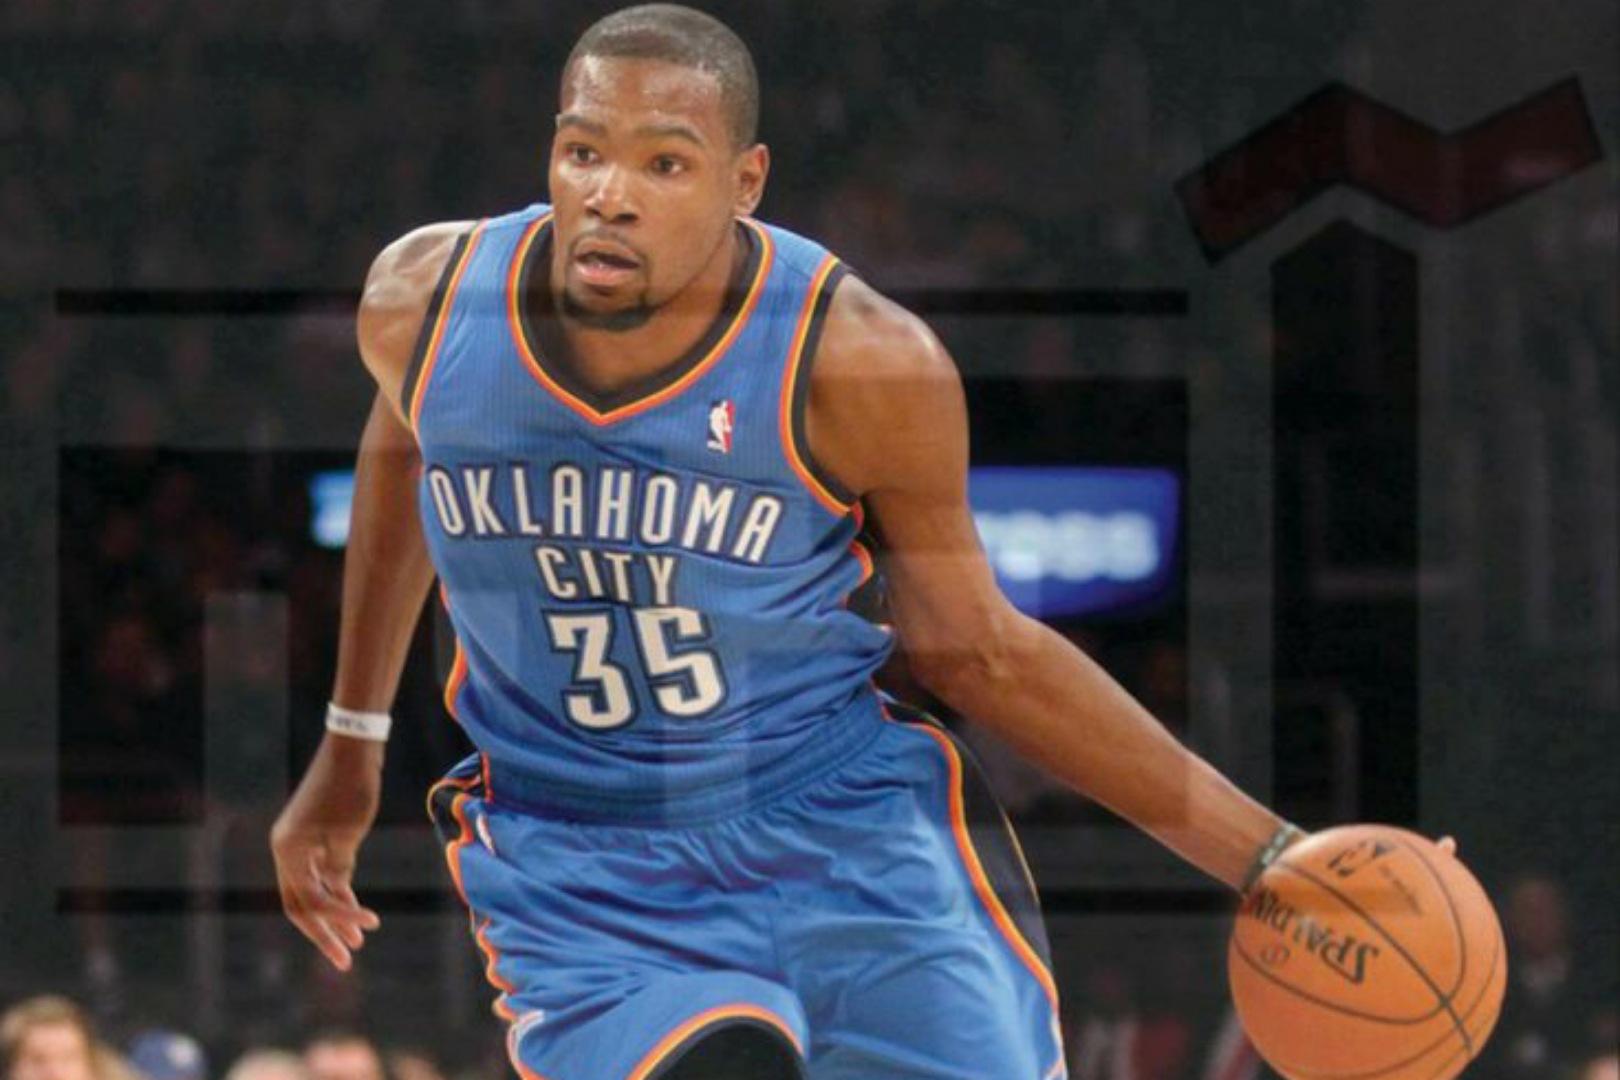 لاعب كرة السلة الأمريكي كيفن دورانت